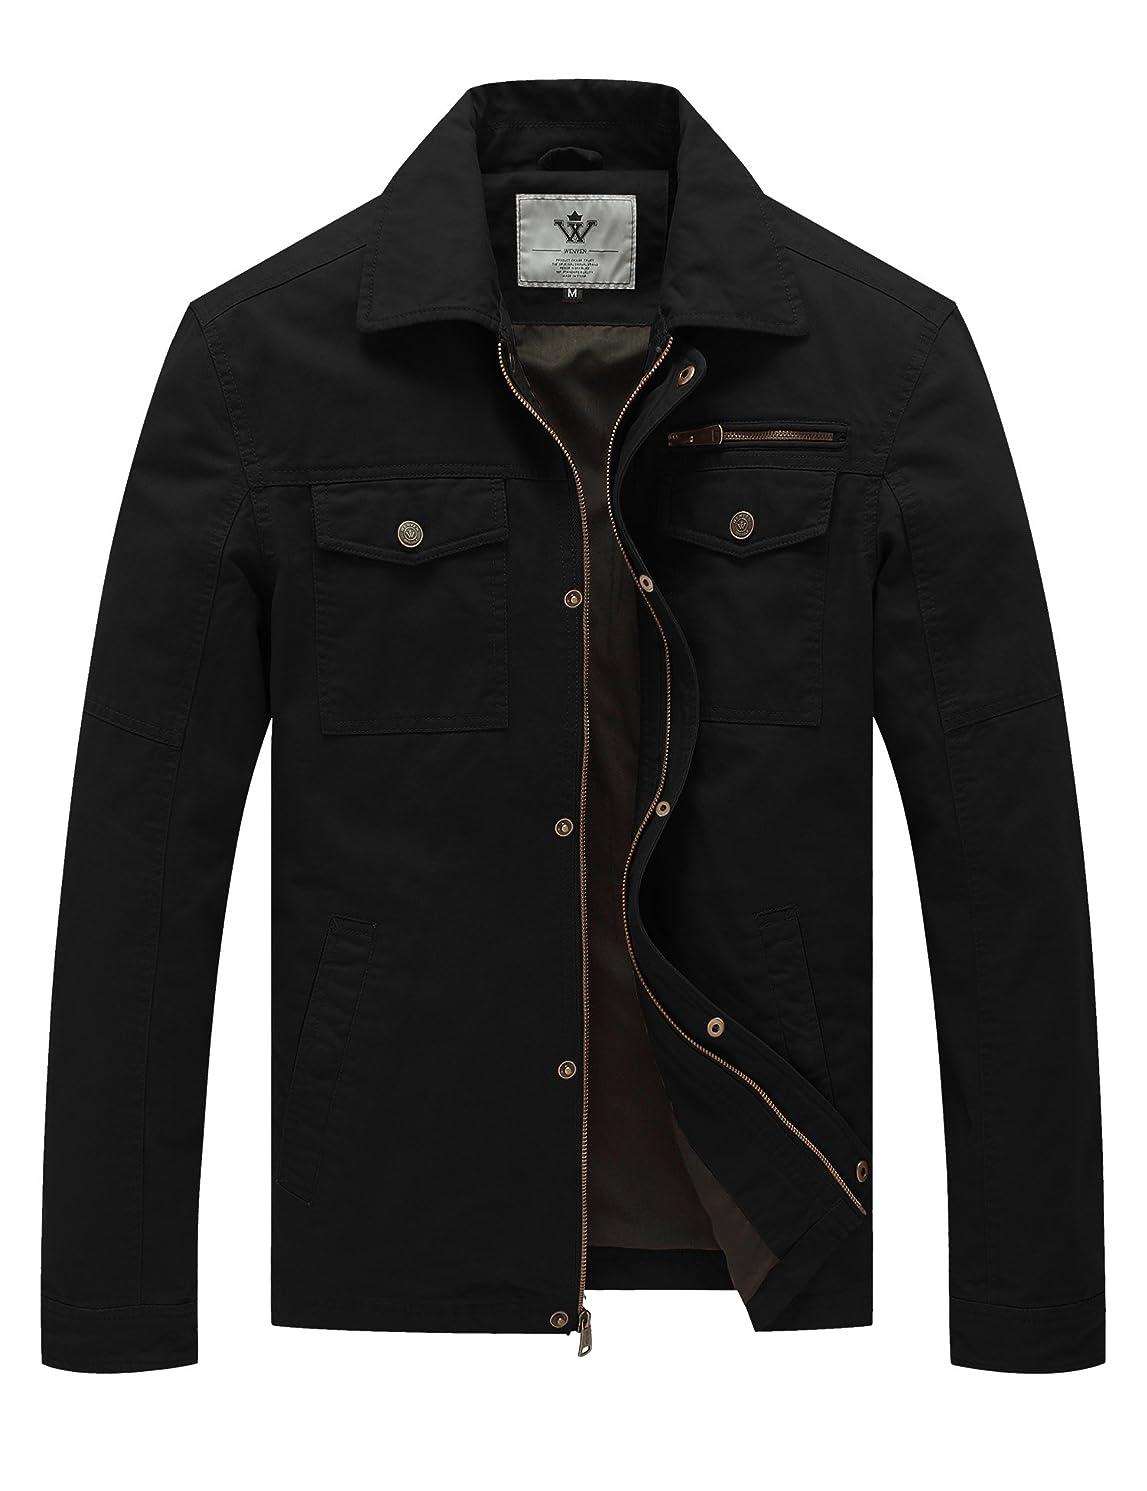 WenVen Men's Spring Canvas Cotton Military Lapel Jacket